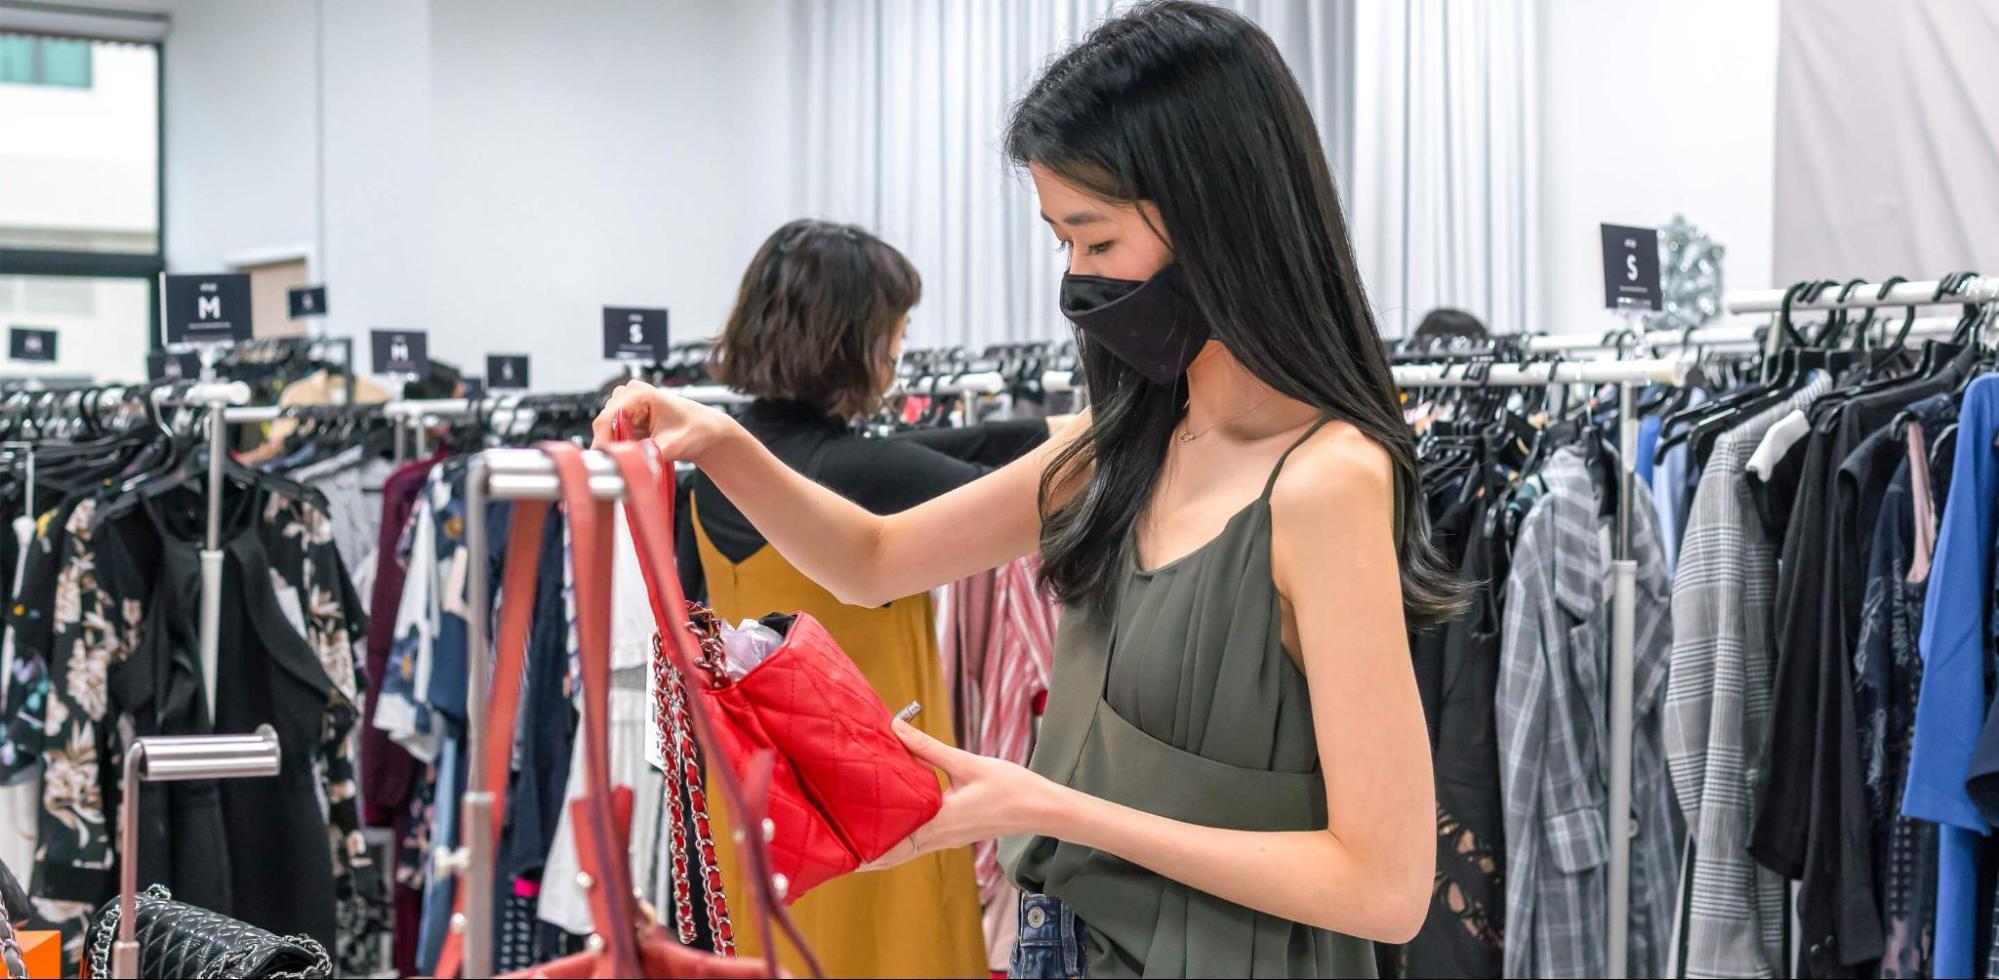 masked girl shopping